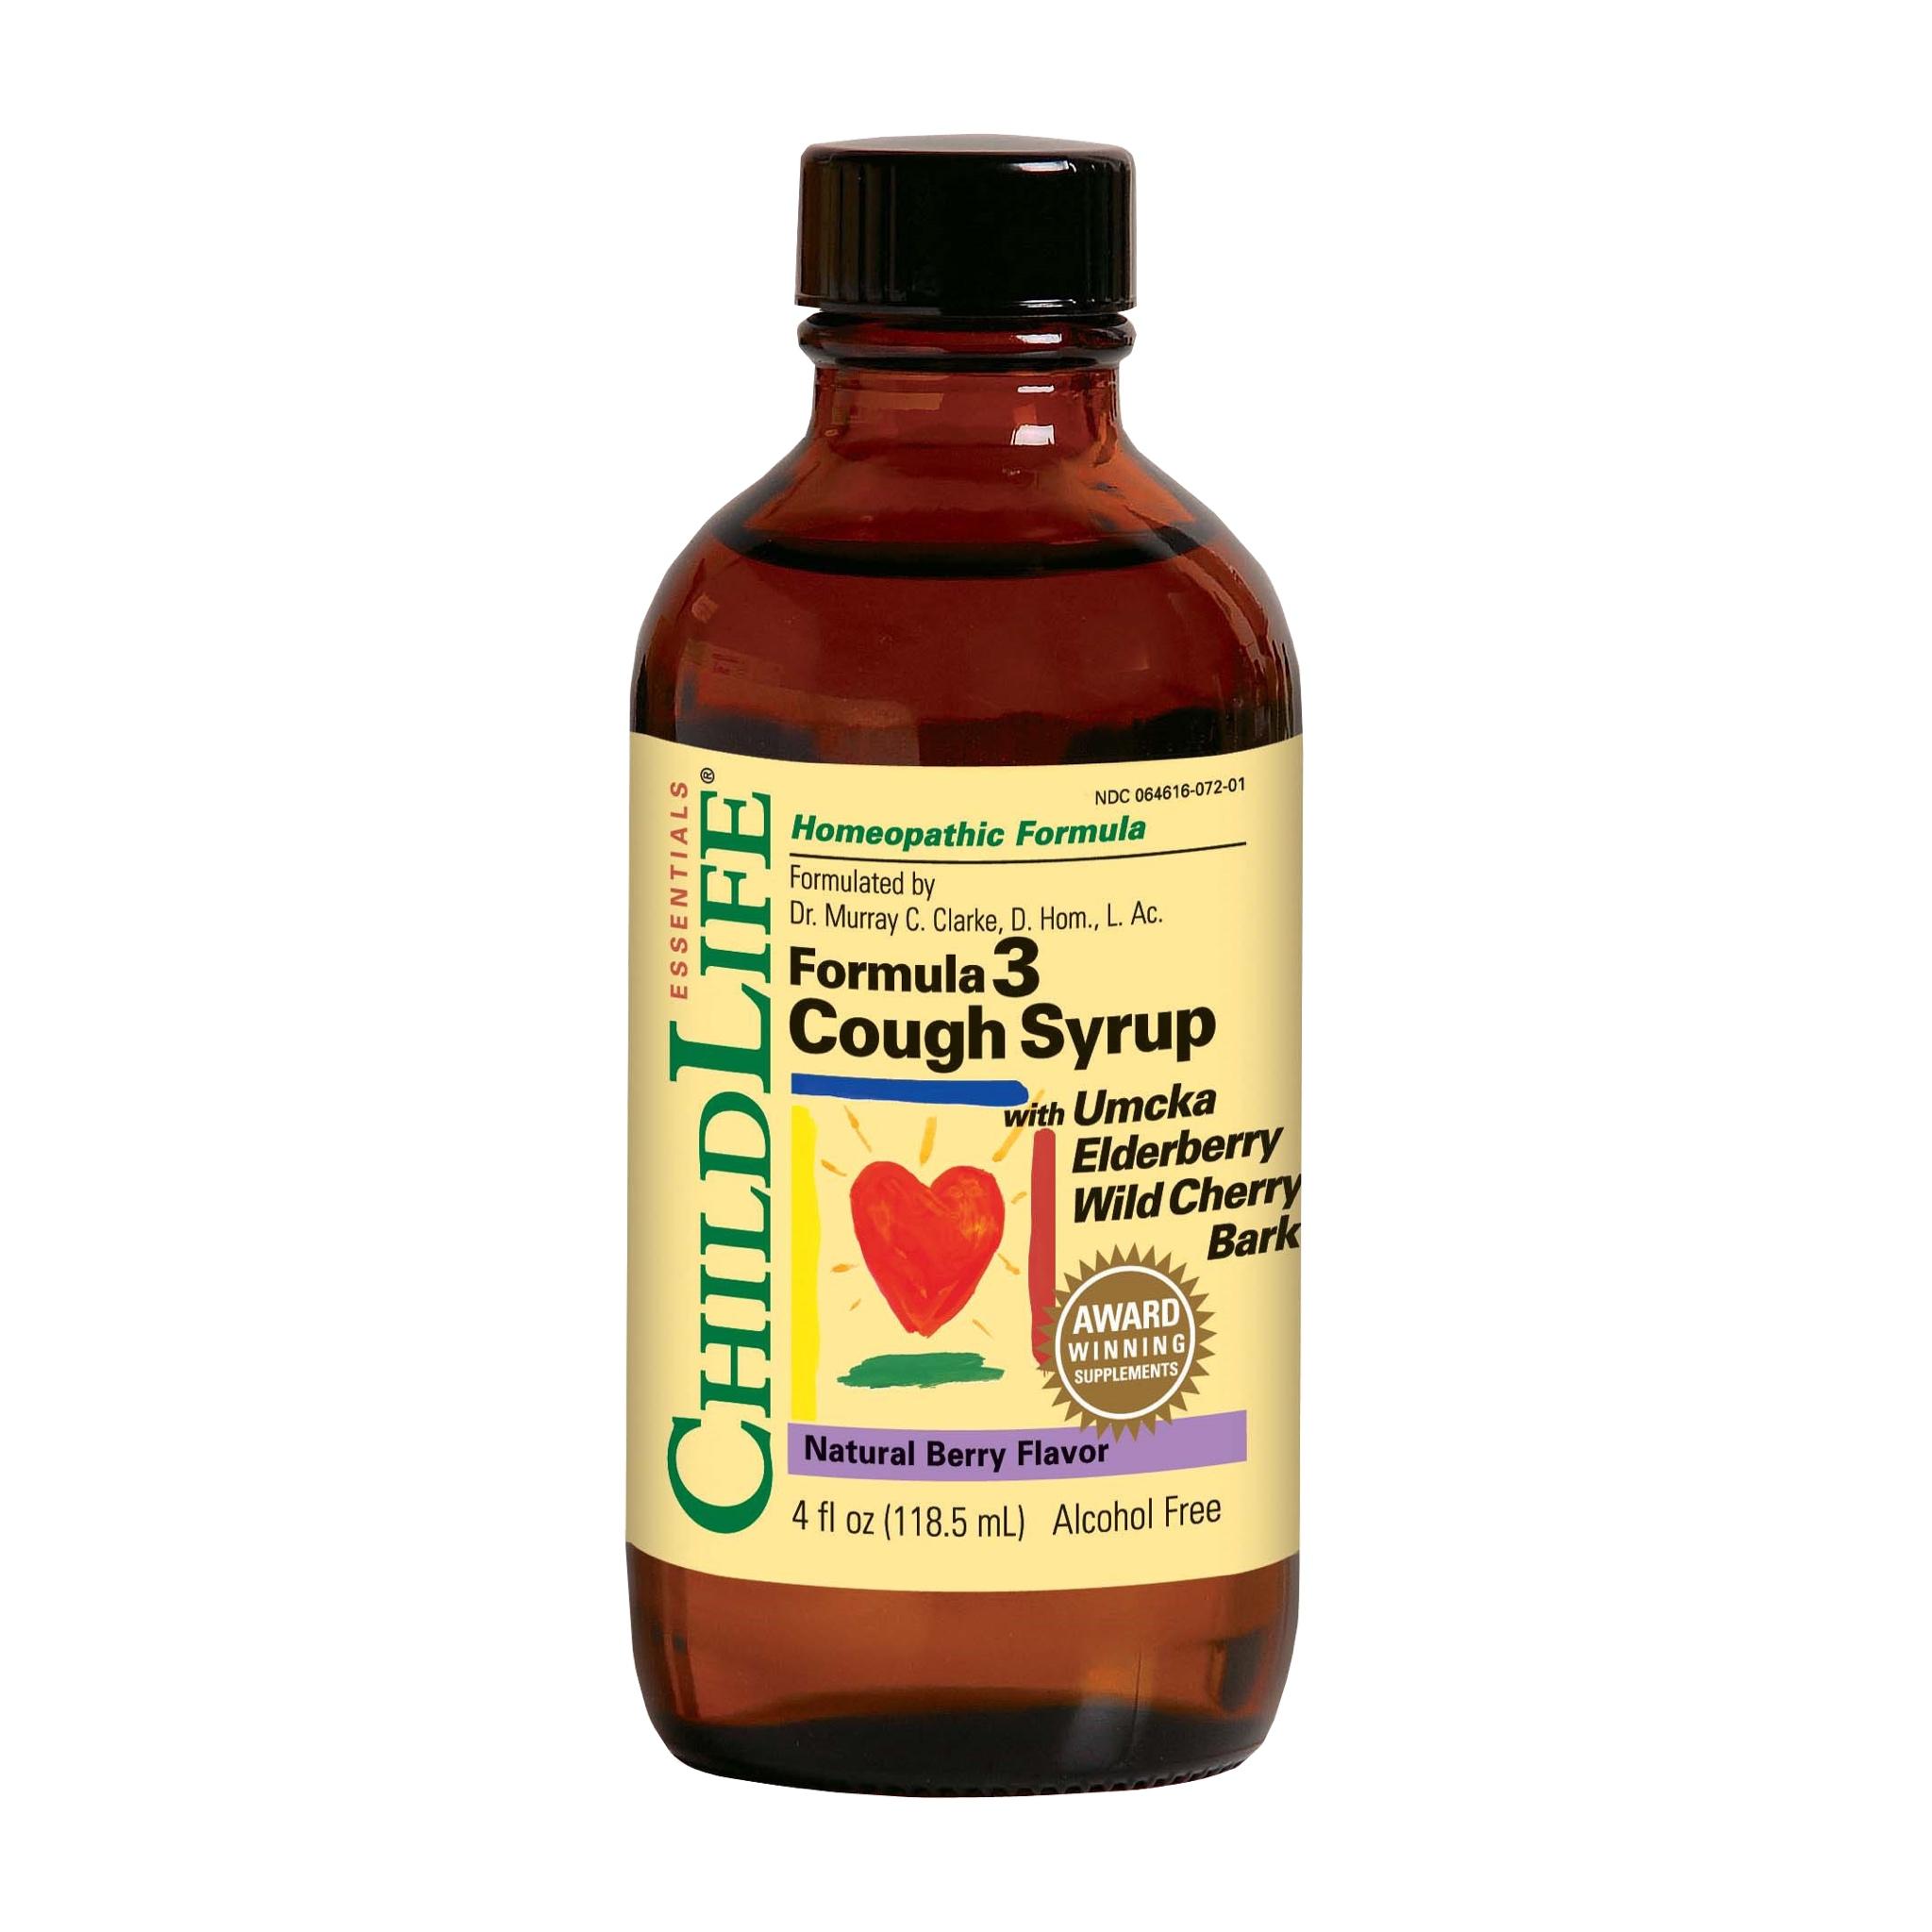 สมุนไพรบรรเทาอาการไอสำหรับเด็ก ChildLife Essentials Formula 3 Cough Syrup